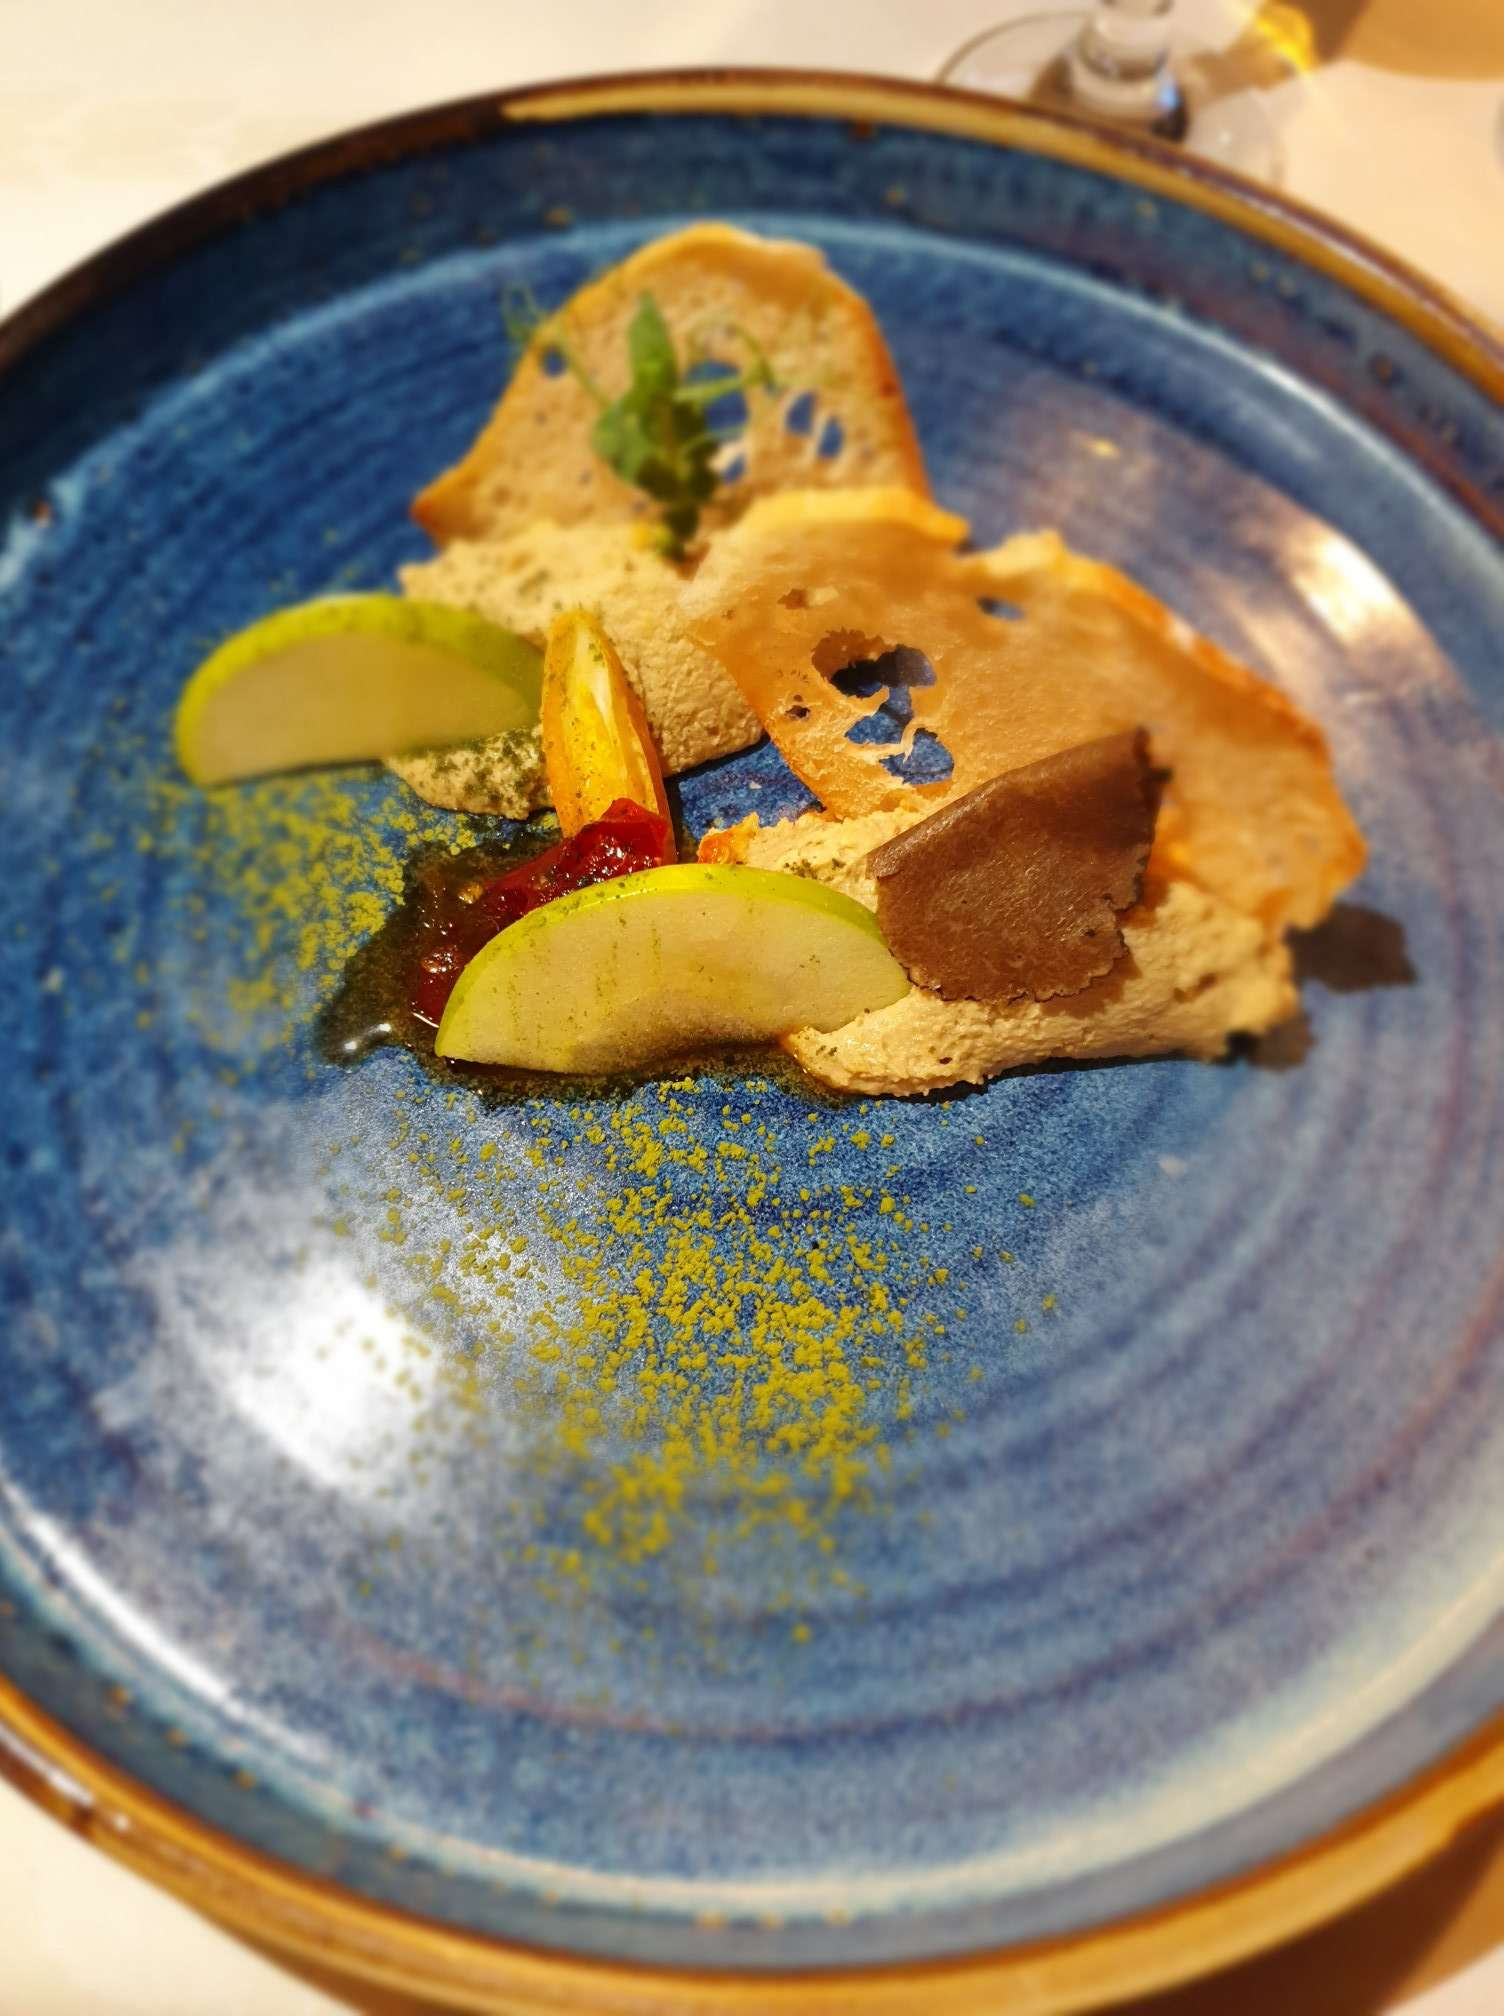 Mousse de foie grais servit cu măr verde, dulceață de ardei iute și cruton Best Western Bucovina